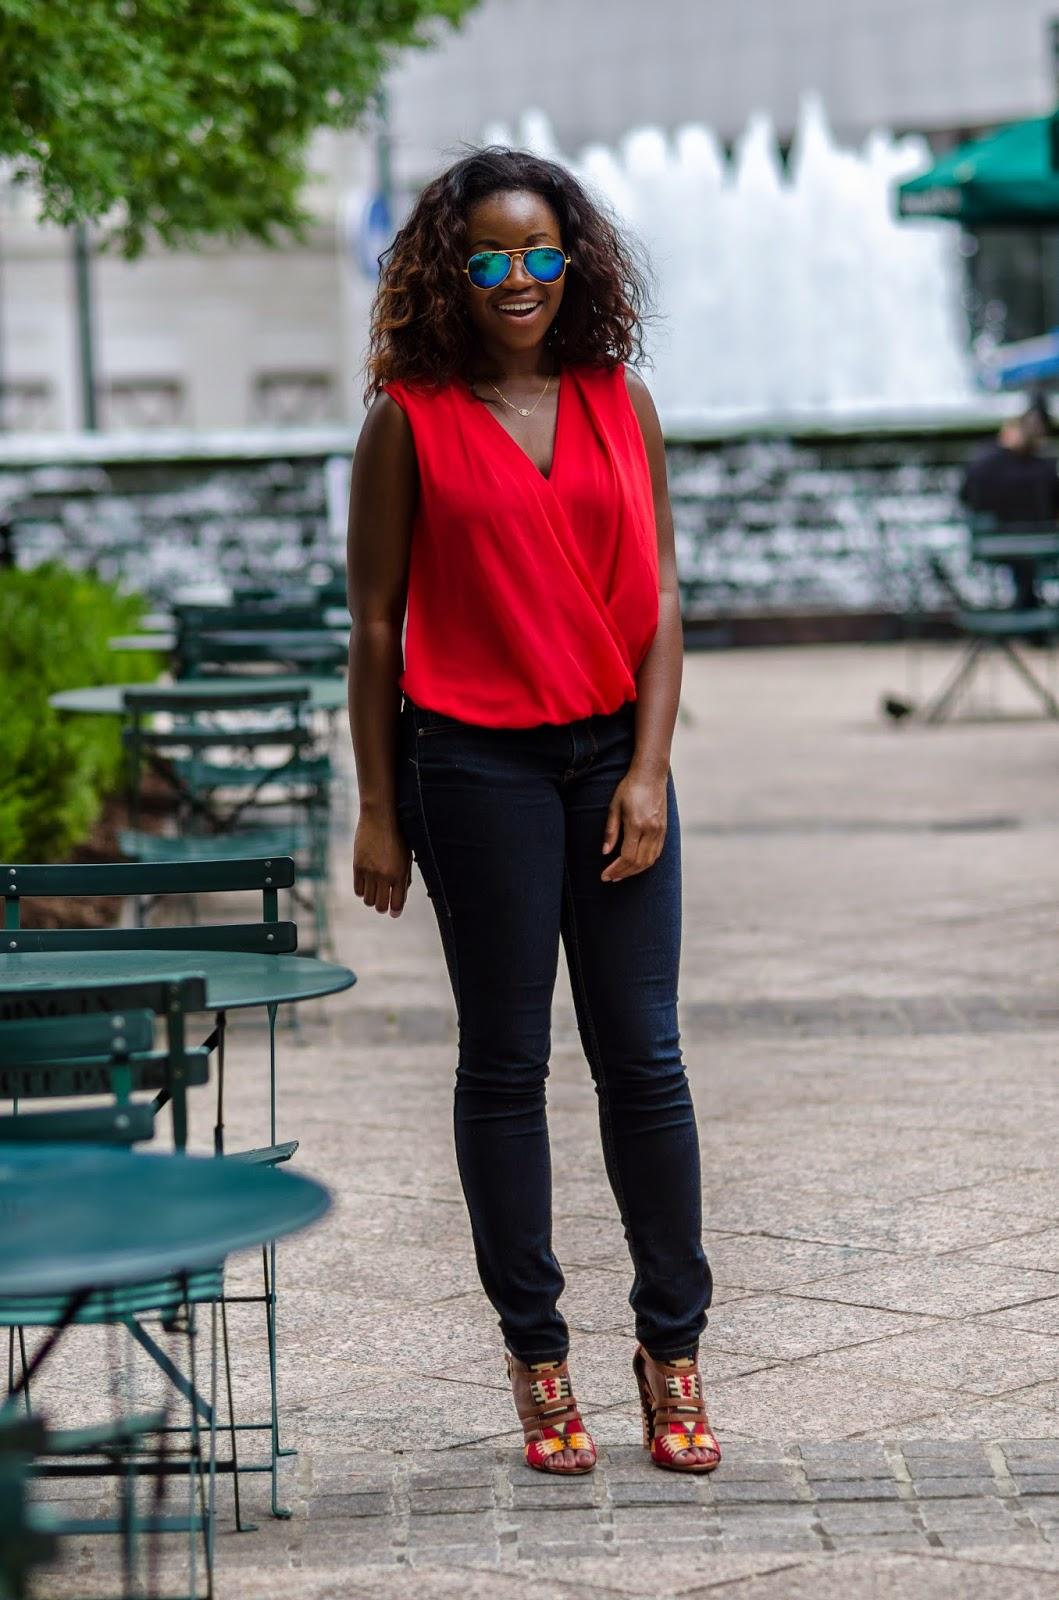 Ashley Udoh